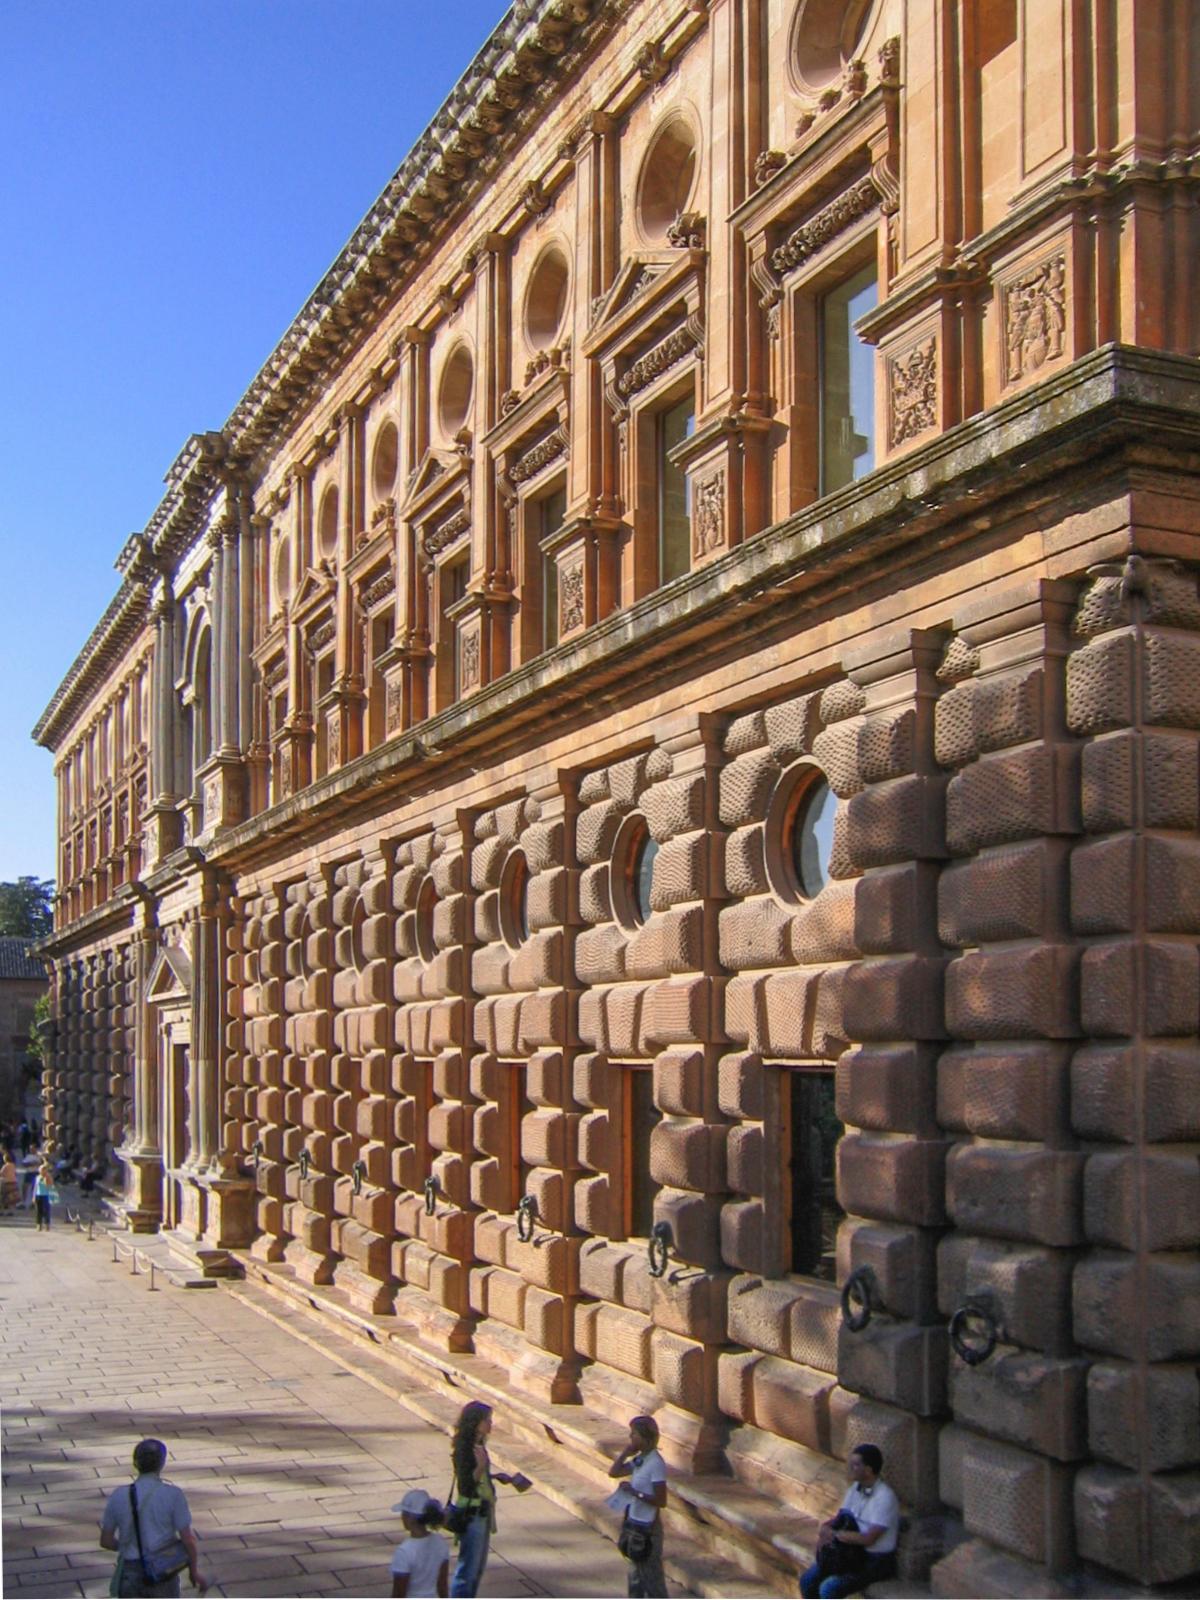 Palacio Carlos V south